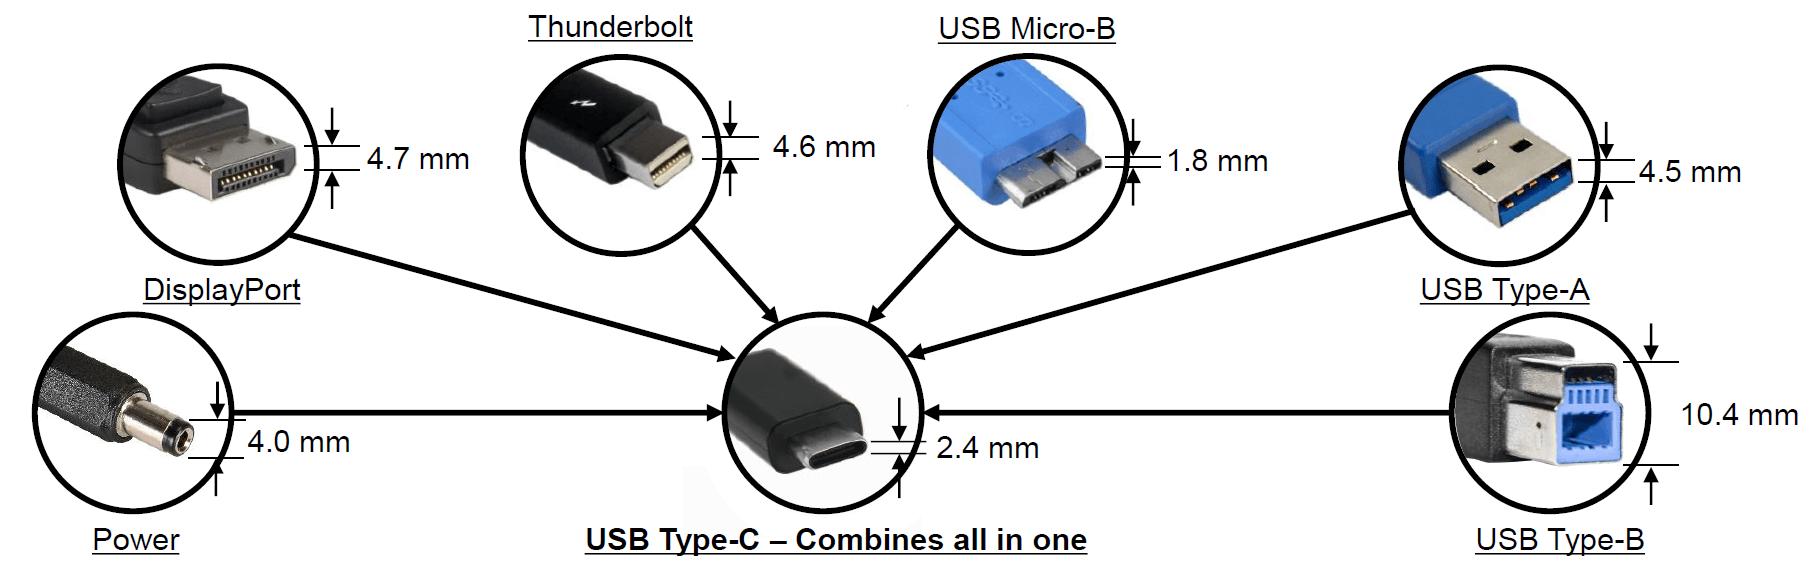 USB tipo C: todo lo que necesita saber sobre el conector universal todo en uno del futuro 3